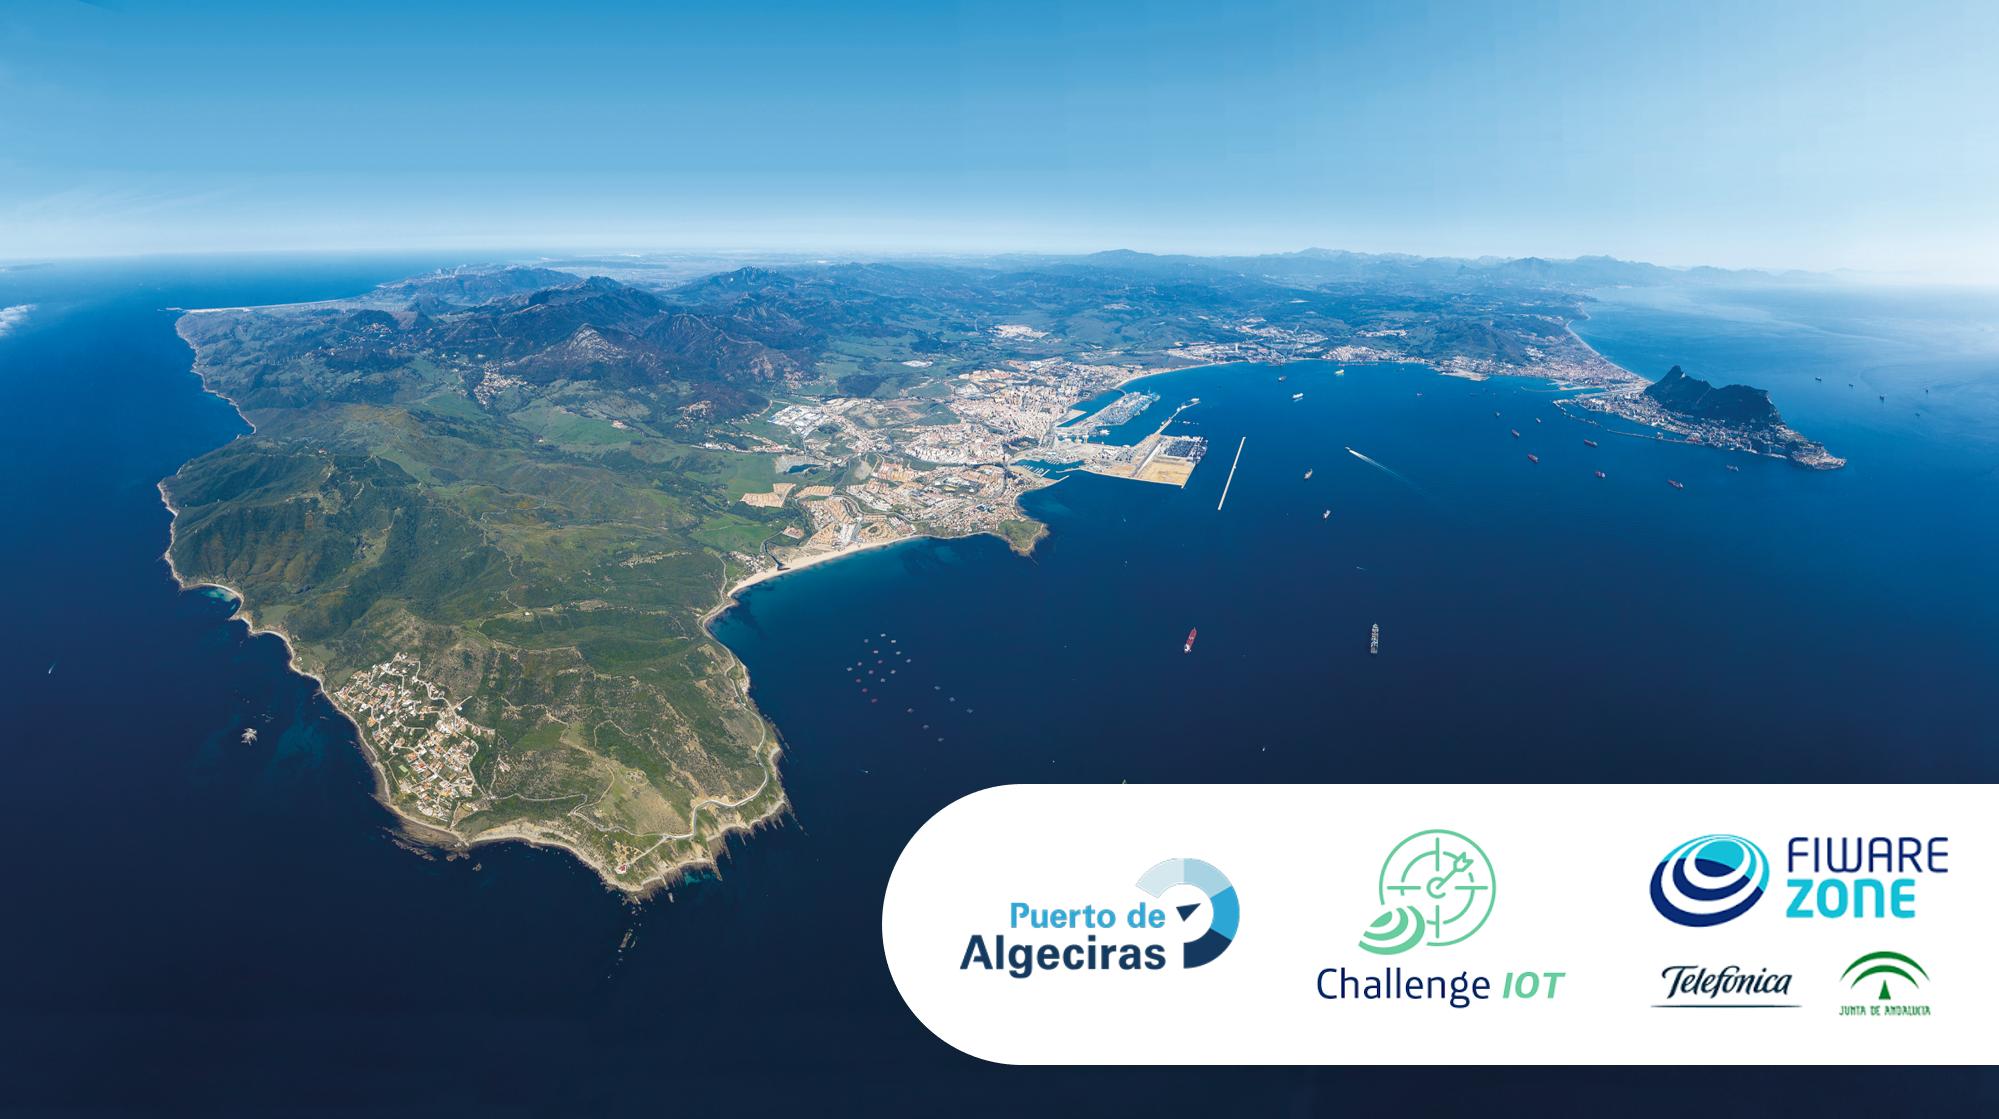 La APBA resulta ganadora del reto FIWARE ZONE IoT 2020, iniciativa conjunta de la Junta de Andalucía y Telefónica